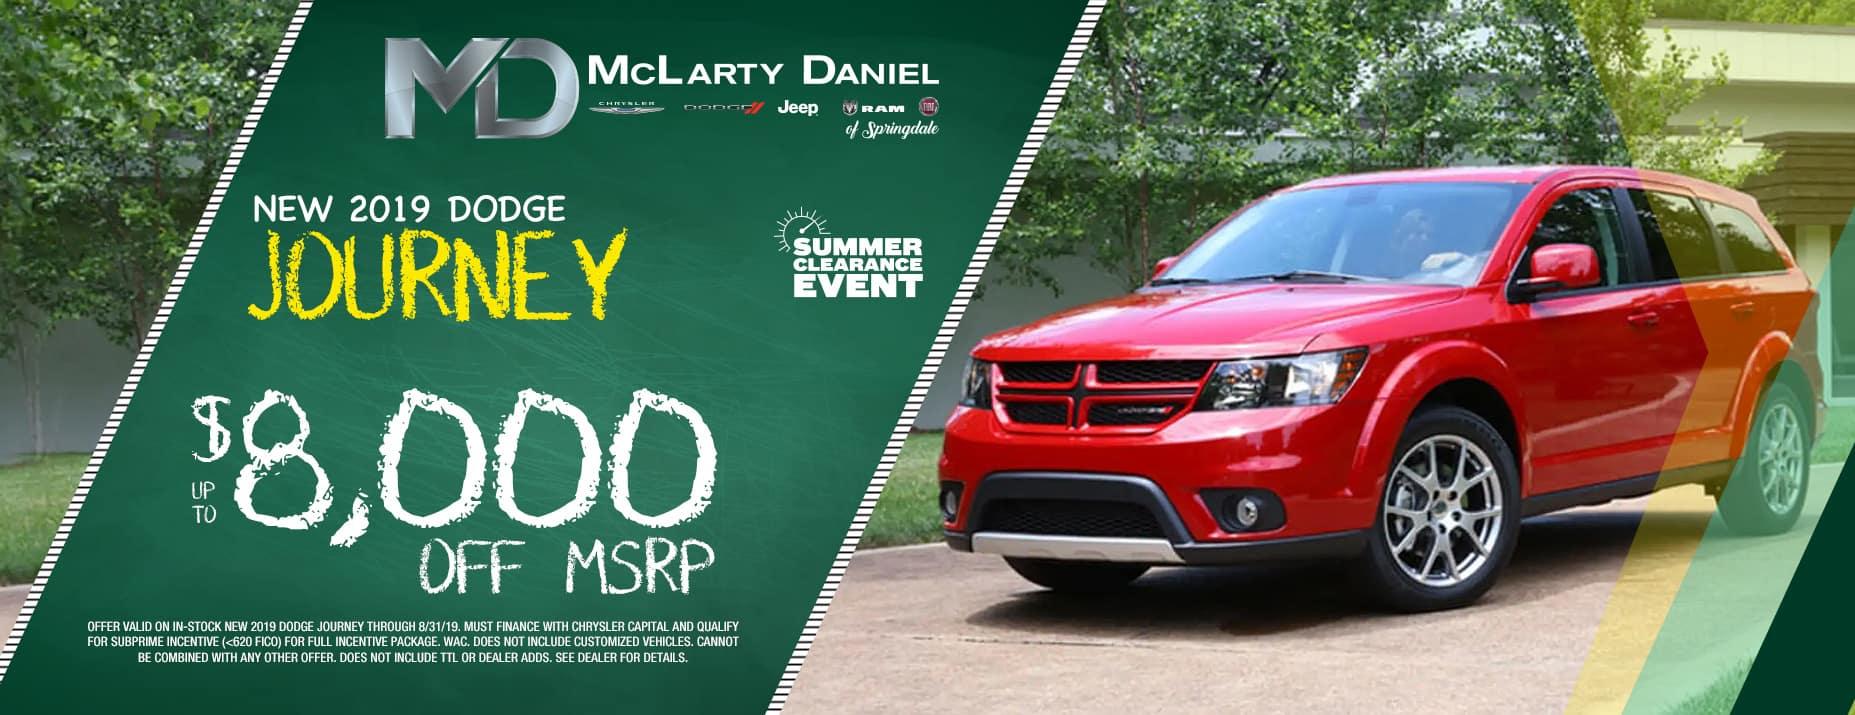 2019 Dodge Journey $8,000 off msrp